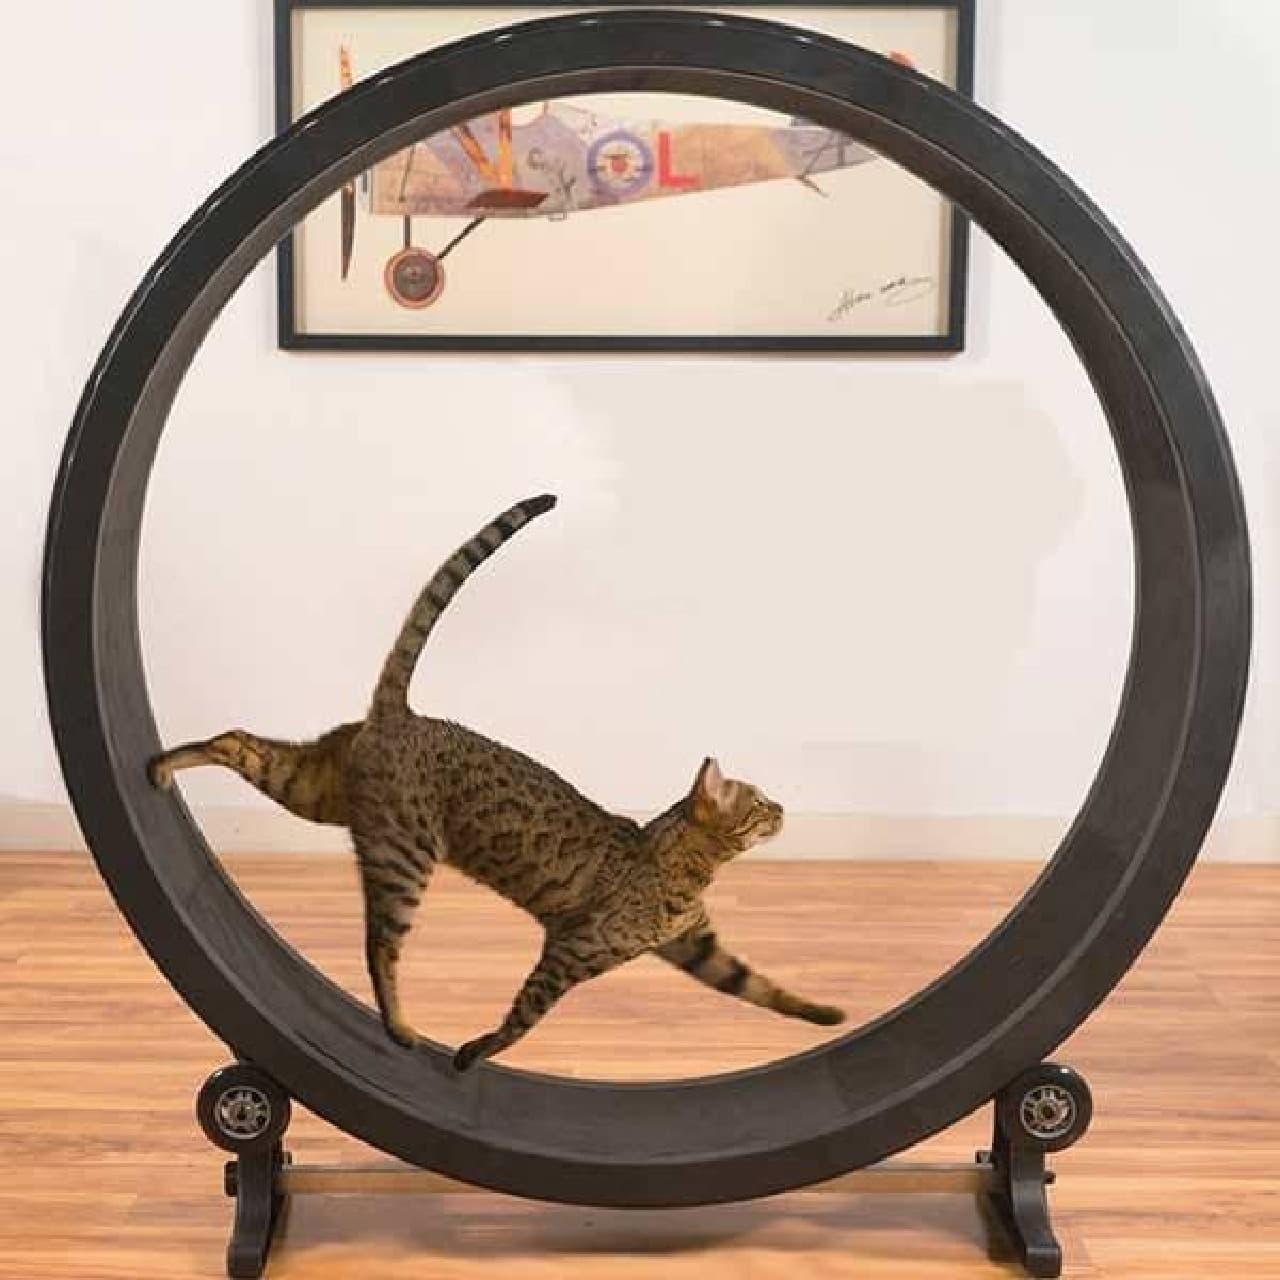 ネコ専用ルームランナー「Cat Exercise Wheel」利用例